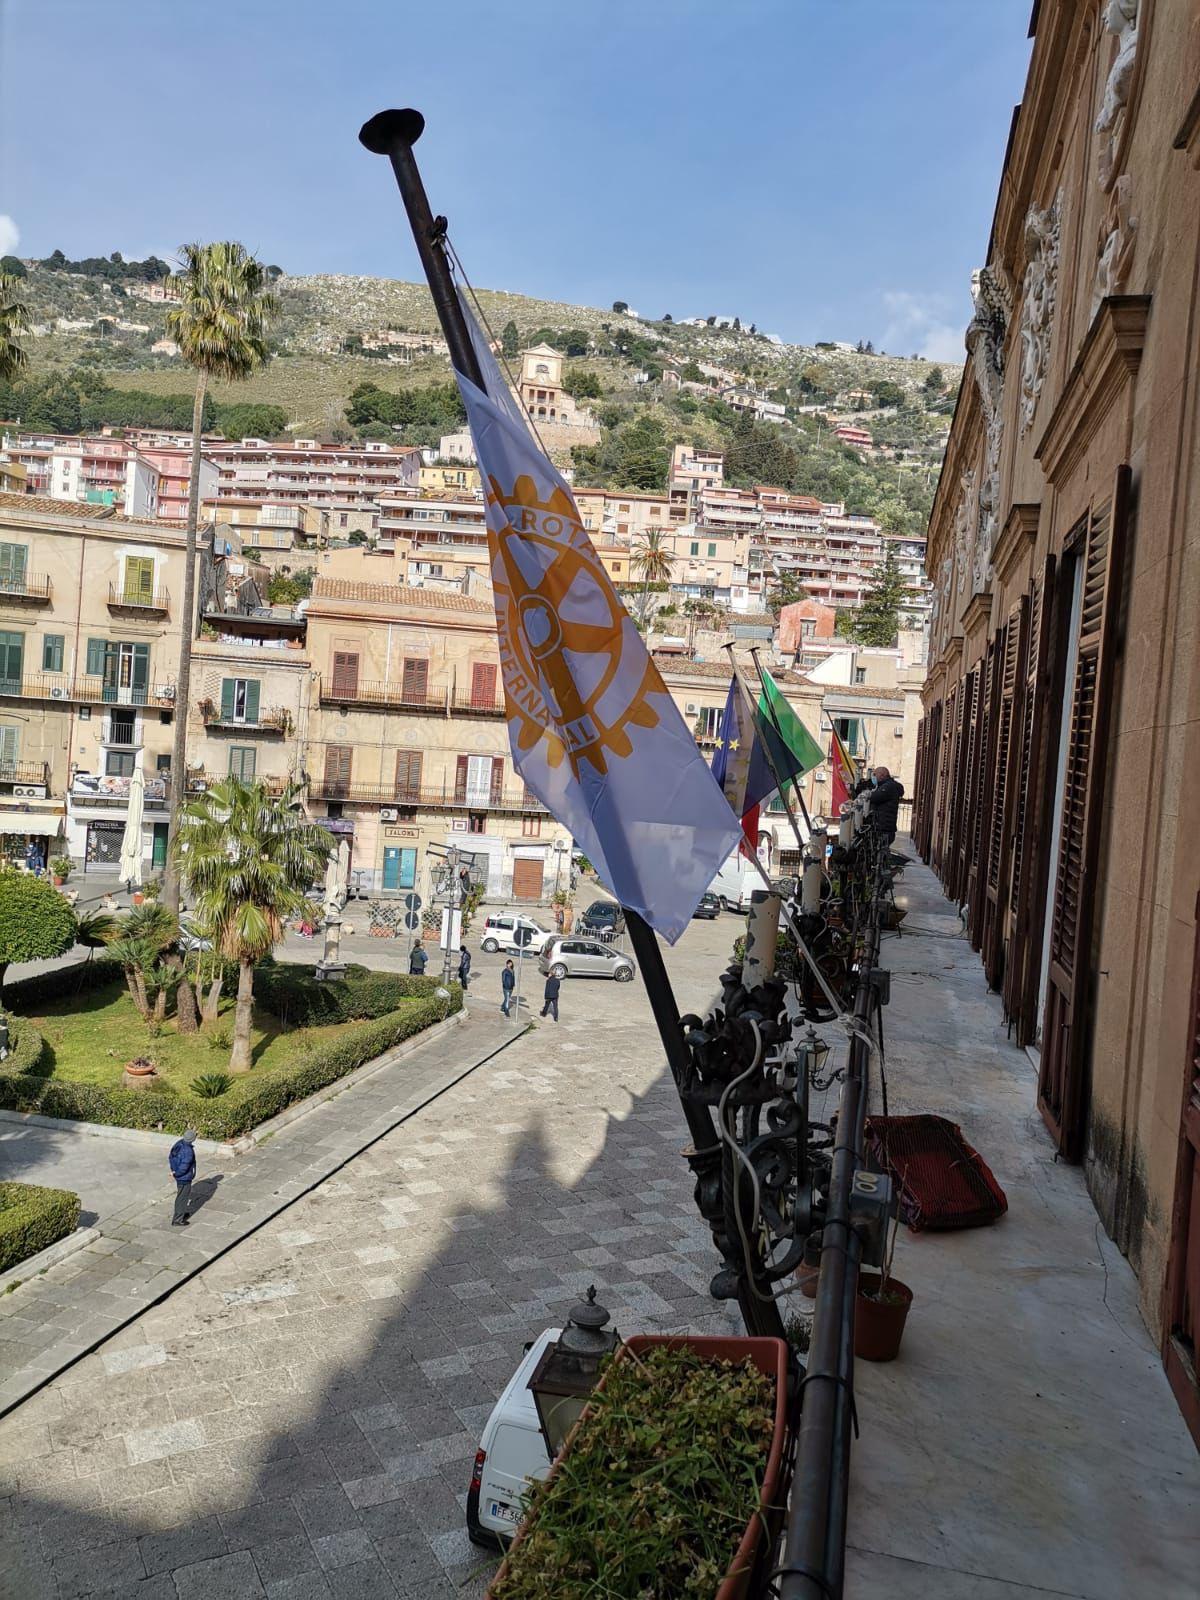 Bandiere a mezz'asta a Palazzo di Città per esprimere cordoglio  per la morte dell' Ambasciatore Luca Attanasio e del Carabiniere Vittorio Iacovacci uccisi in Congo.